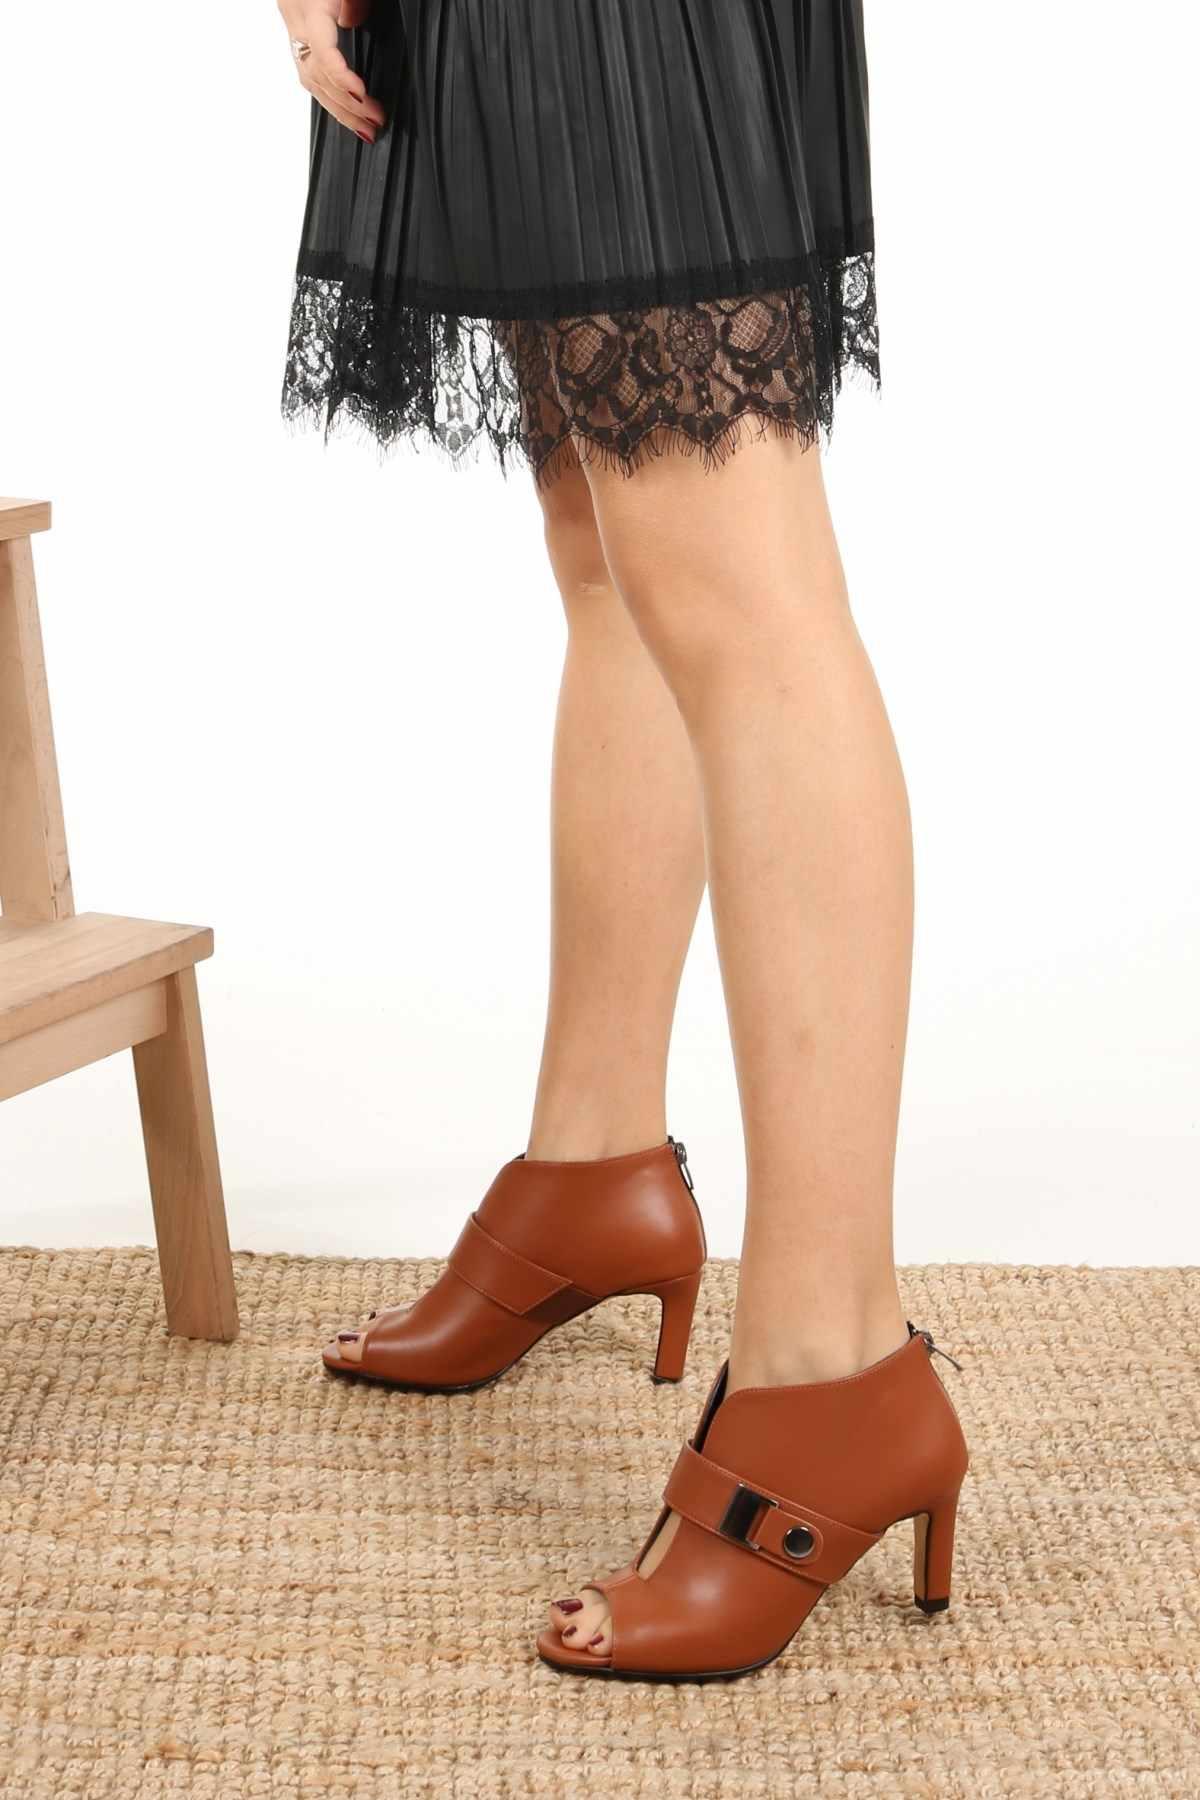 """Diaz Đen và Tân Ngắn Gót Bootie Đế Nữ Giày Nữ Zapato de Mujer """"Tacon Giày Nữ Gót Nhọn Nông Máy Bơm"""